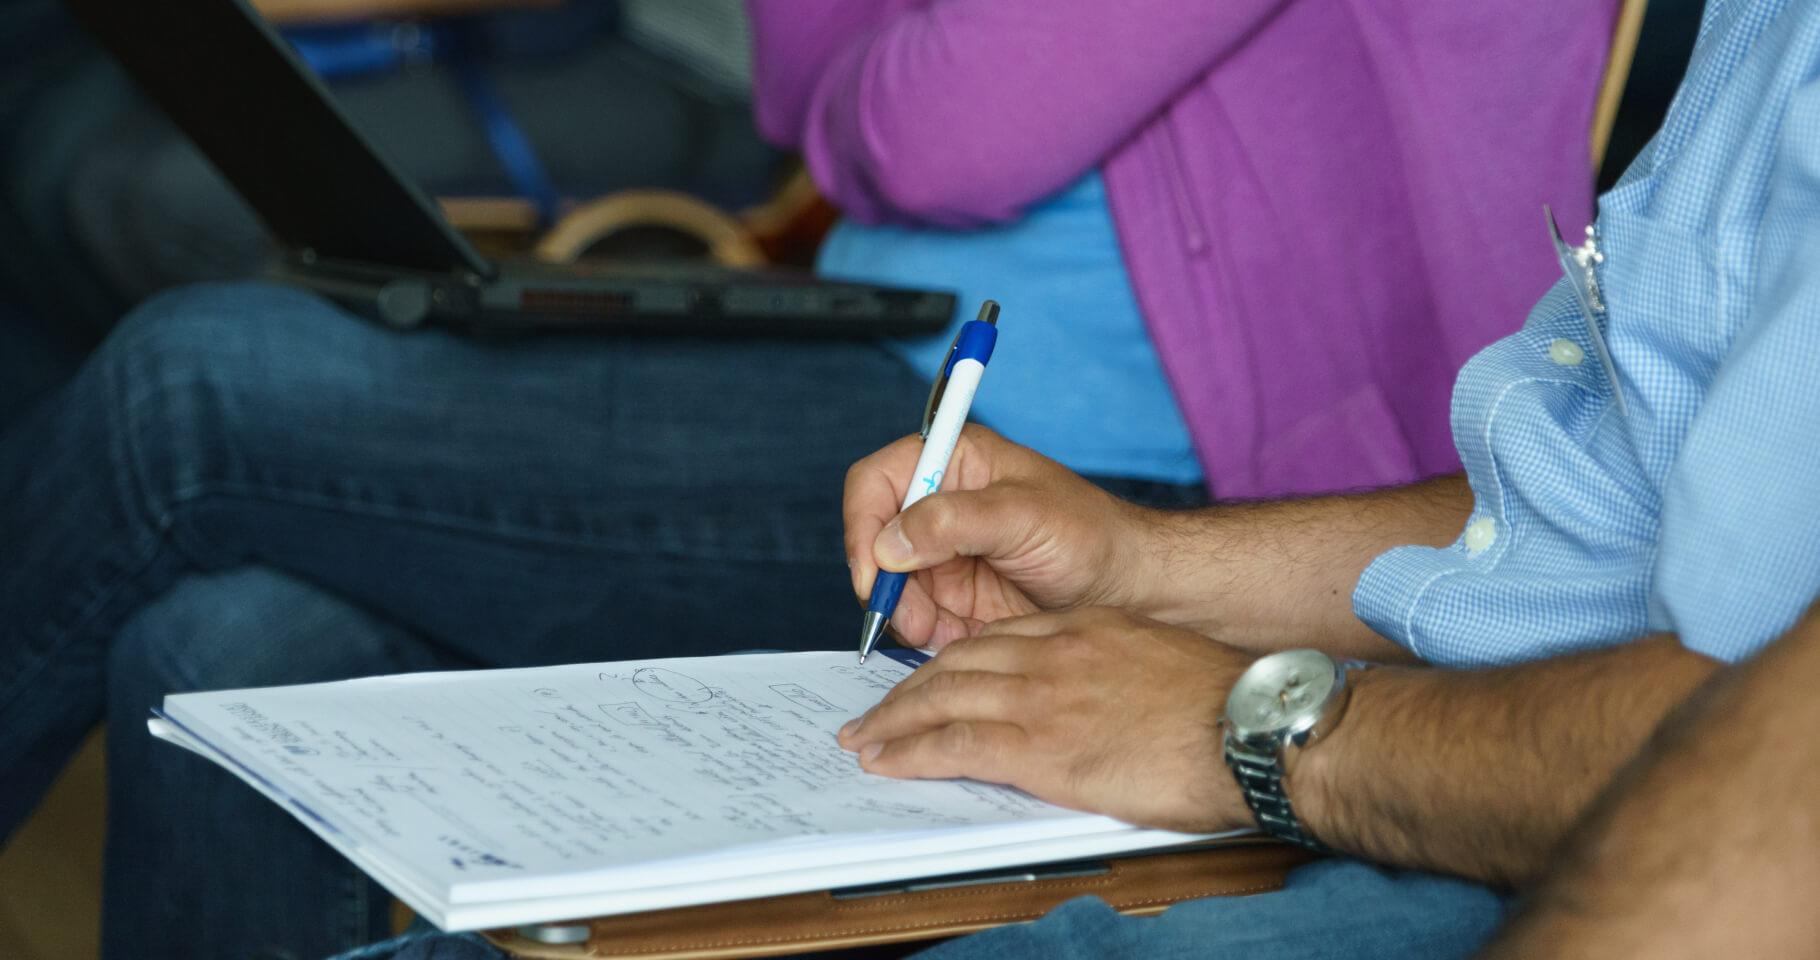 Cómo aprovechar tus estudios presenciales para emprender